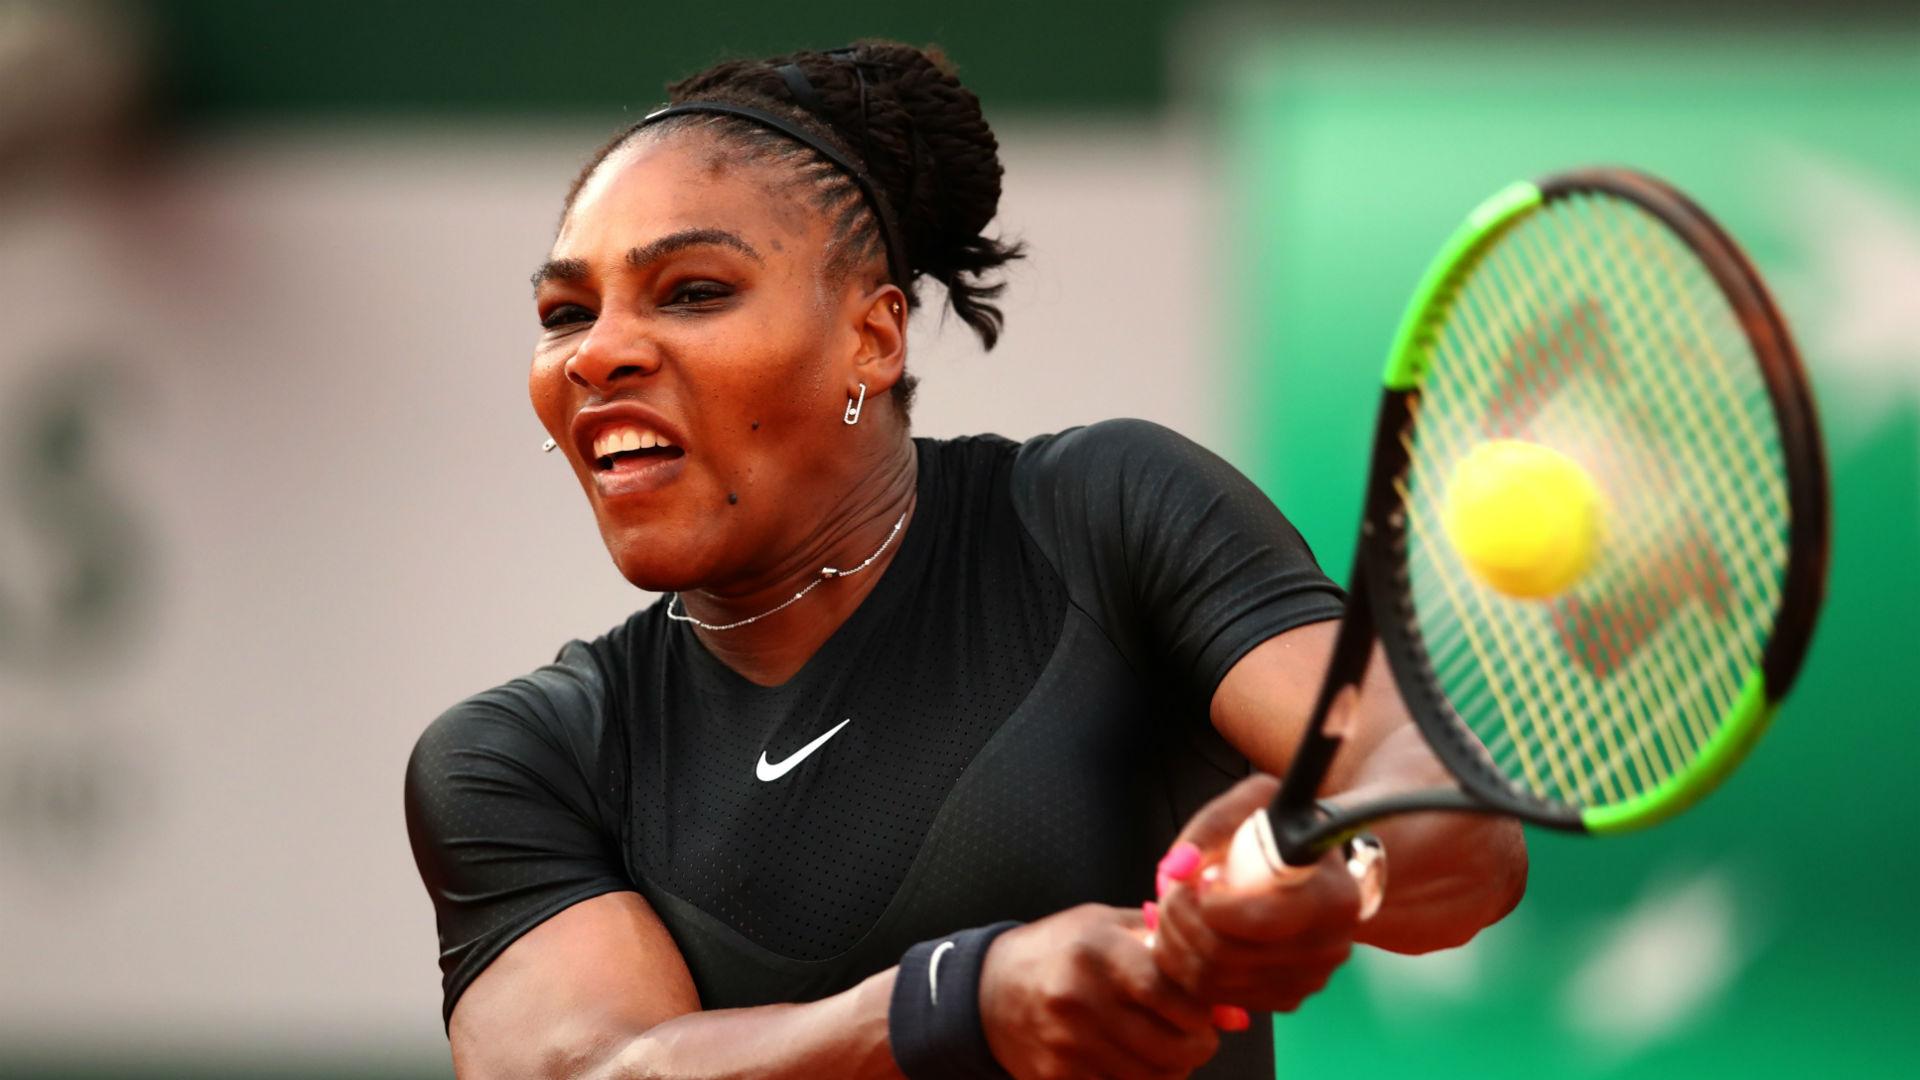 French Open 2018: Serena Williams dominates, sets up Maria Sharapova showdown